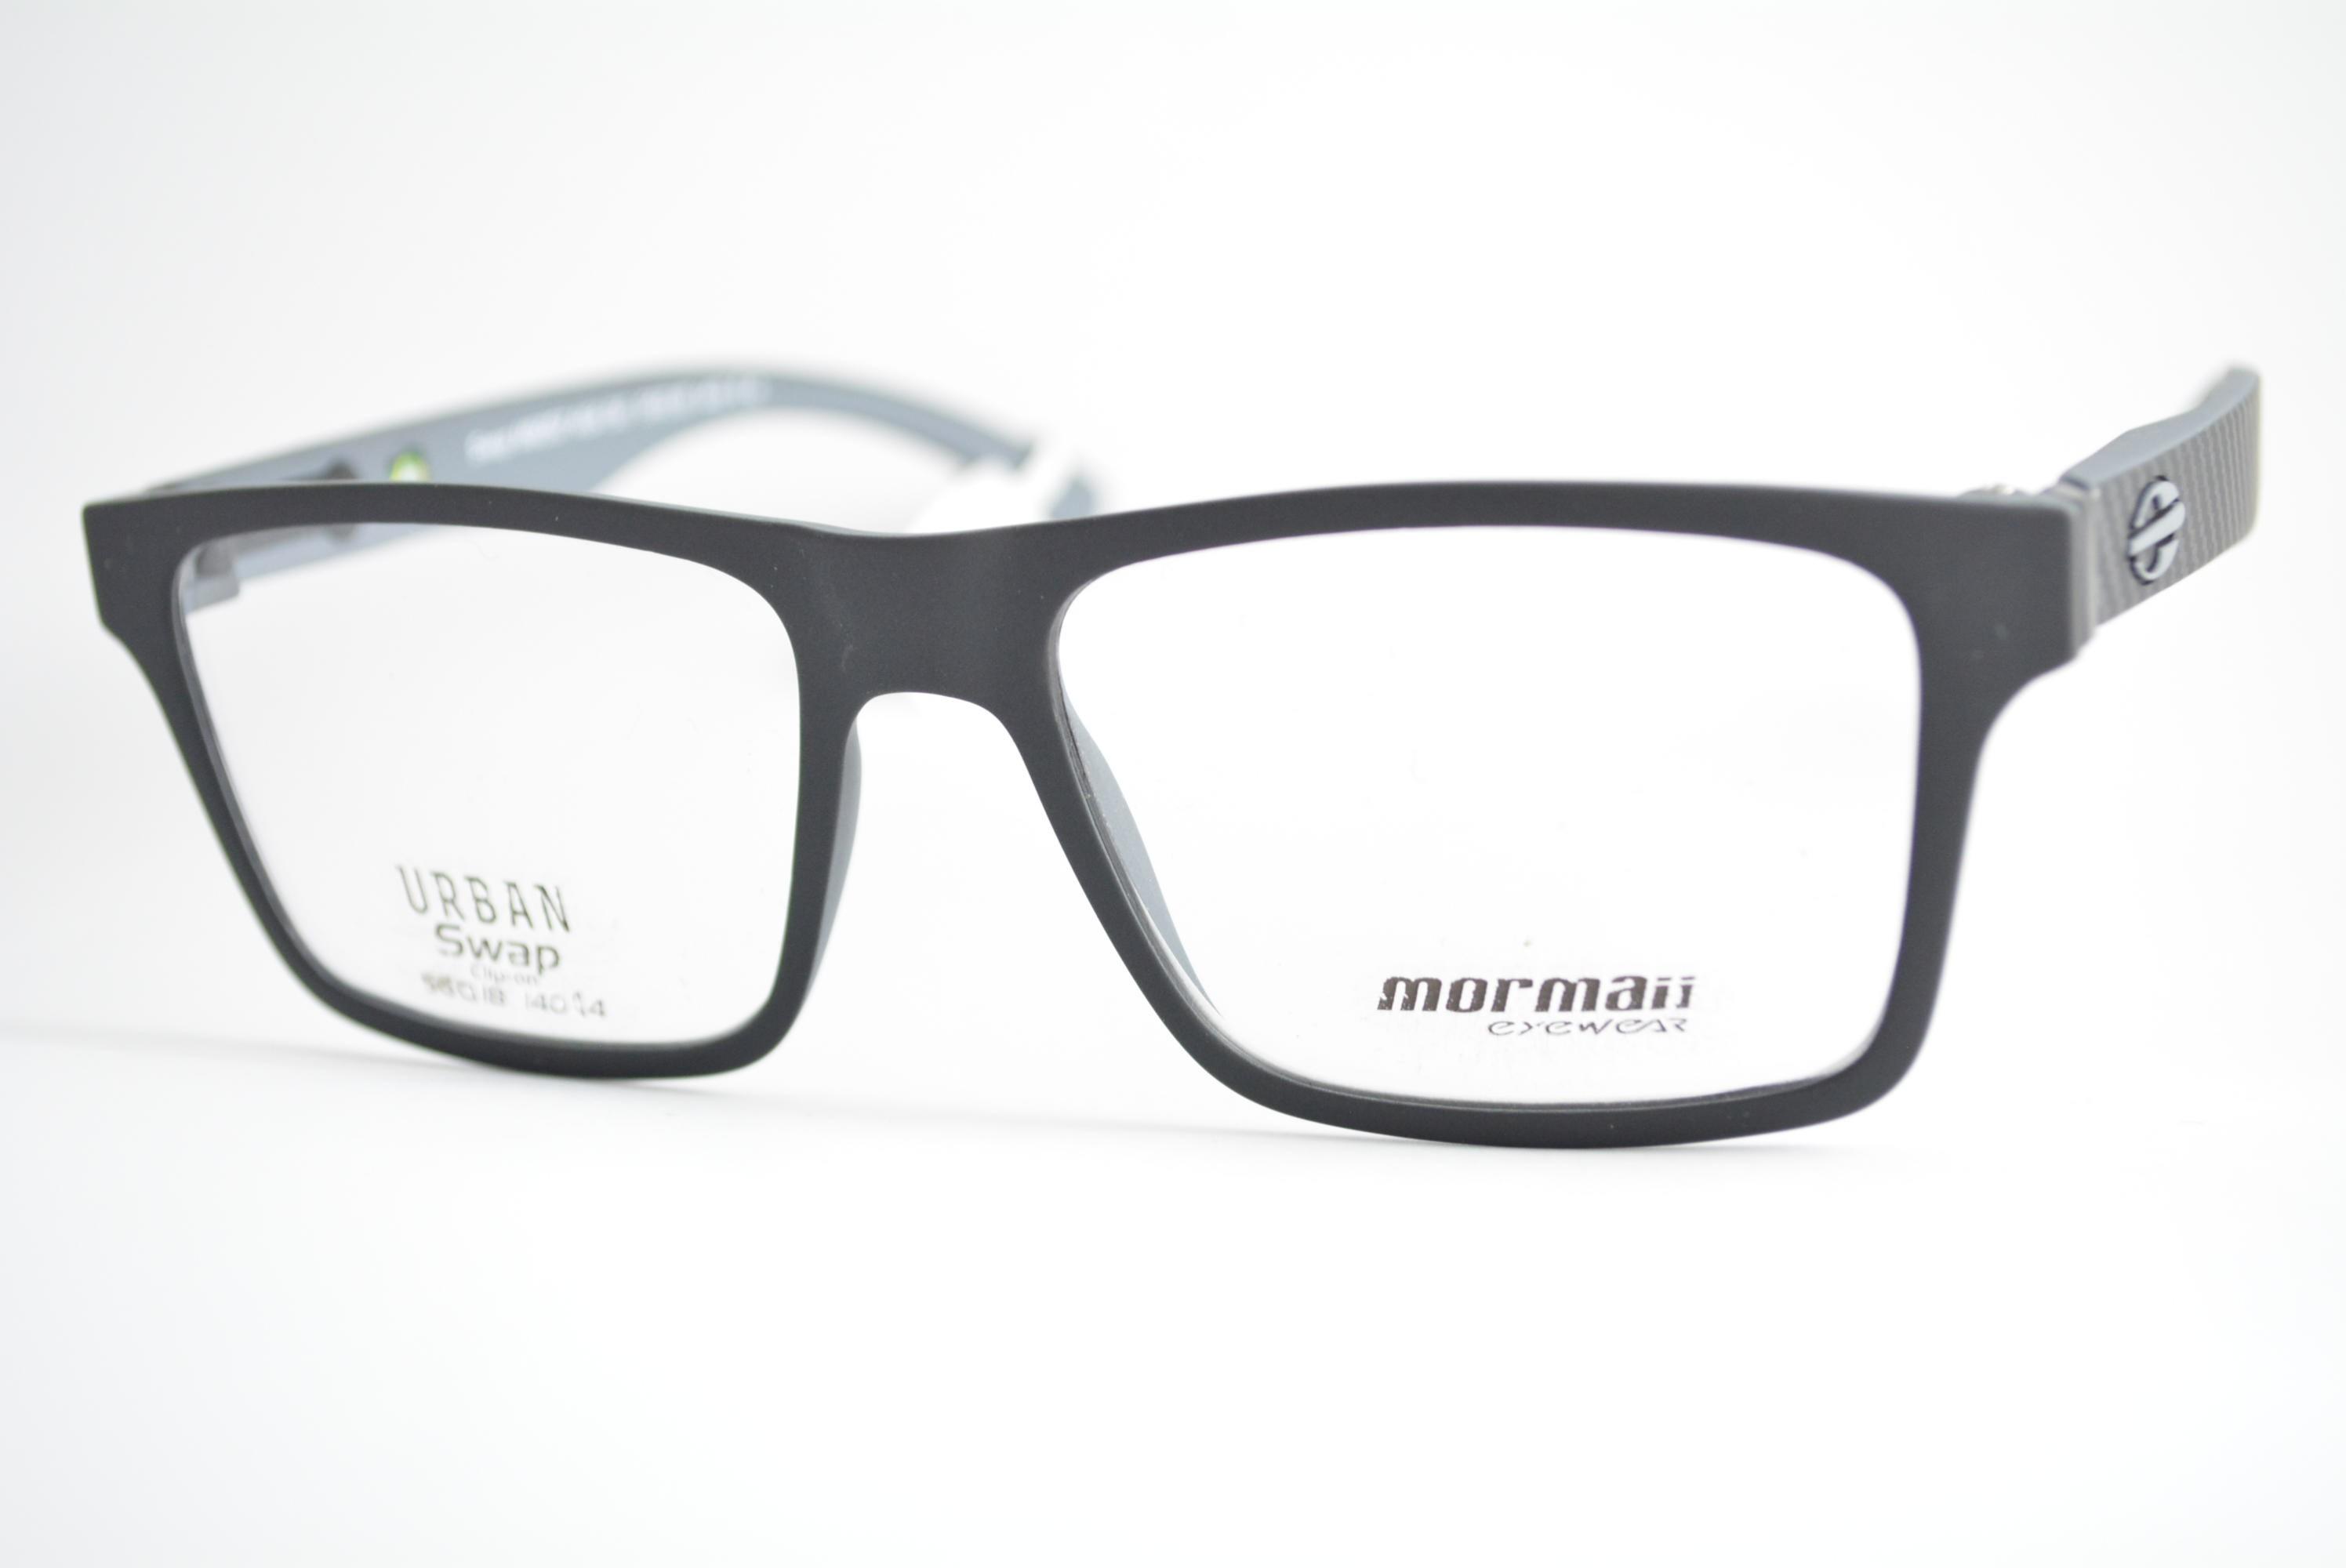 21cb21a5c armação de óculos Mormaii mod Swap m6057 aga clip on Ótica Cardoso